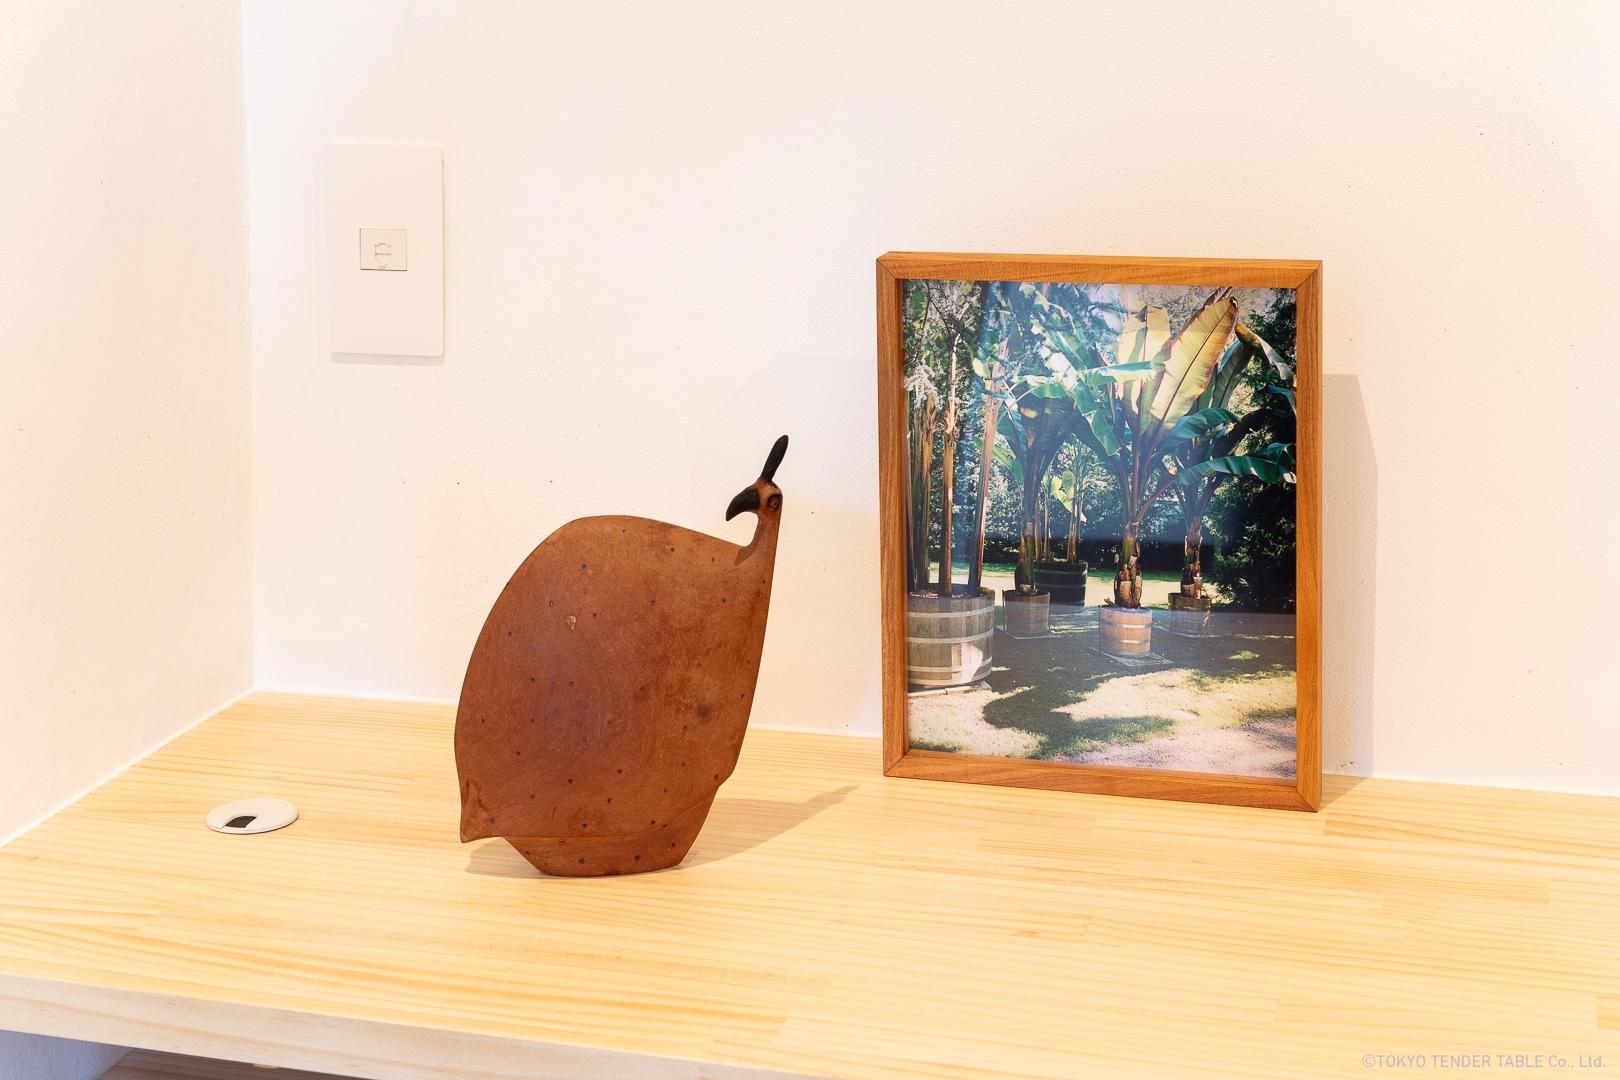 左: ナミビア産ホロホロ鳥, 木彫刻  右: Wataru Murakami, 写真